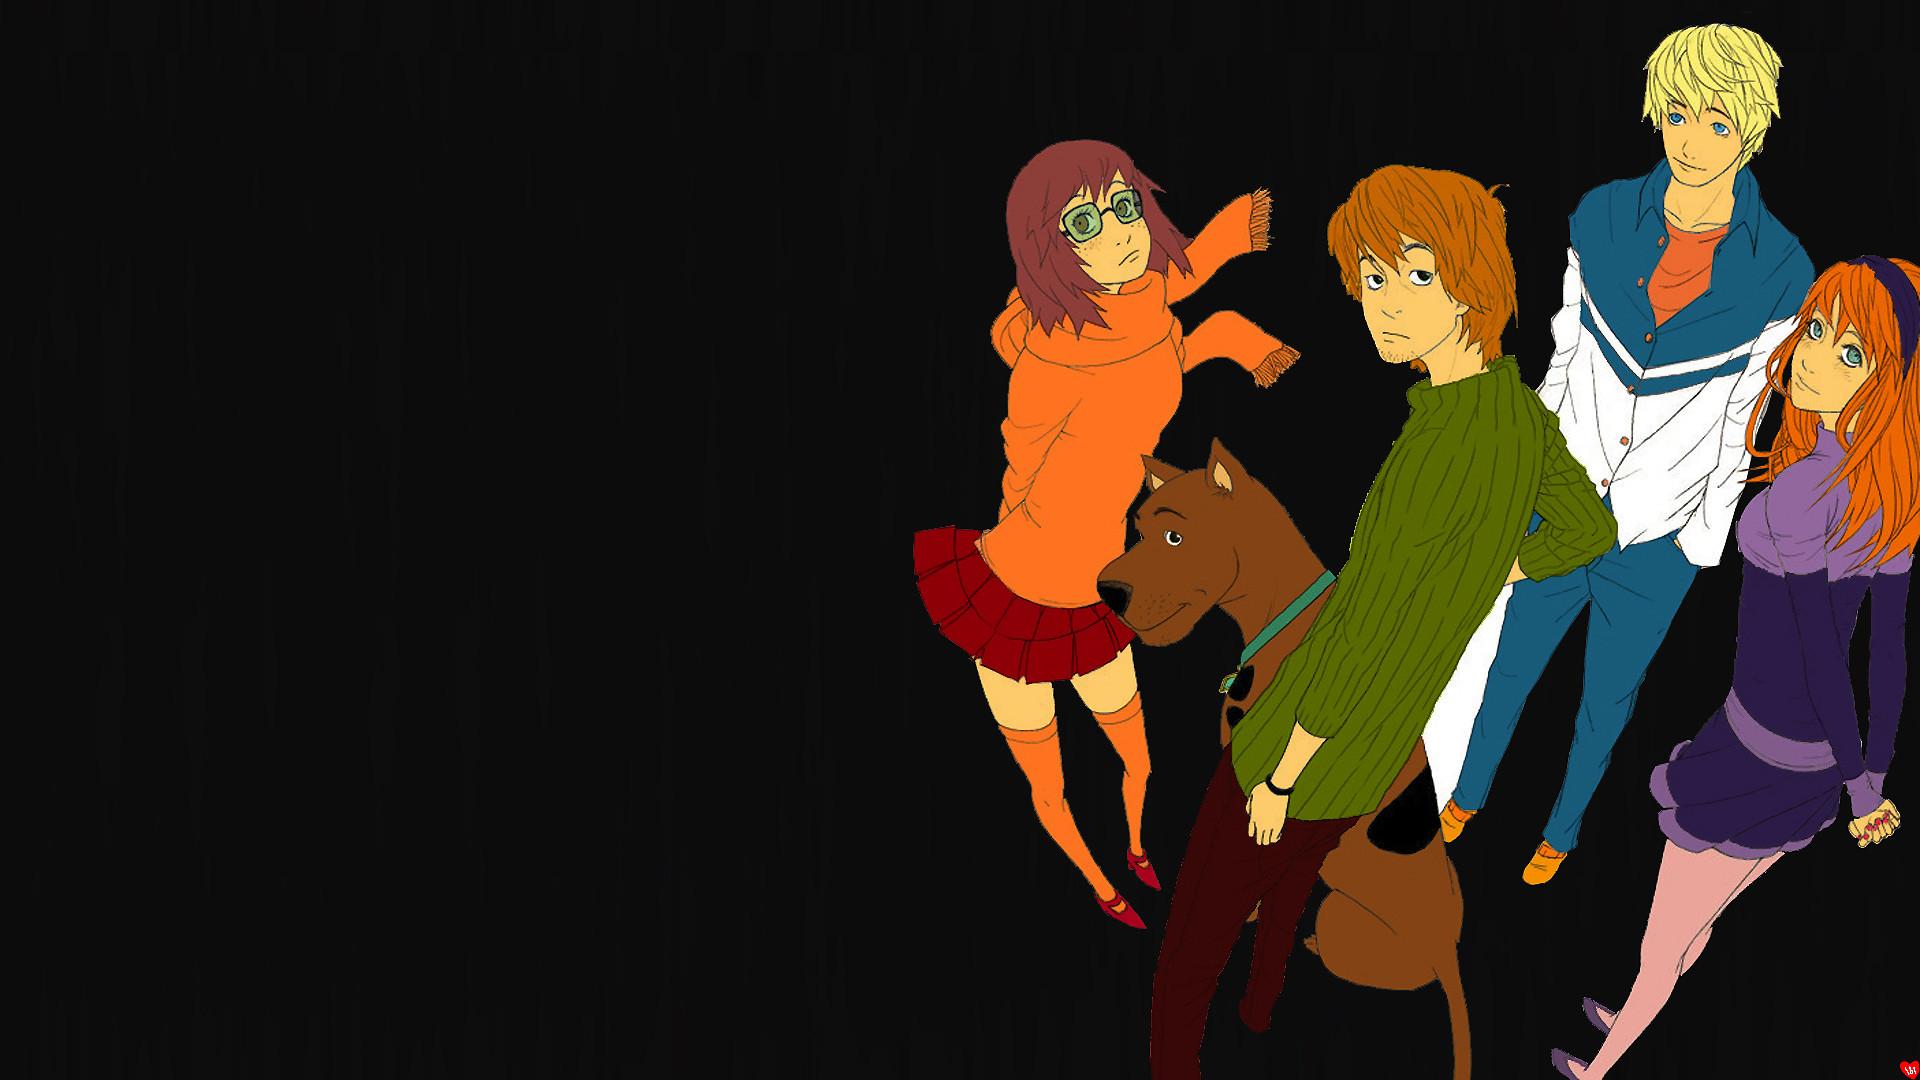 Best Wallpaper Halloween Scooby Doo - 992166-download-velma-wallpaper-1920x1080-computer  Pic_8310098.jpg